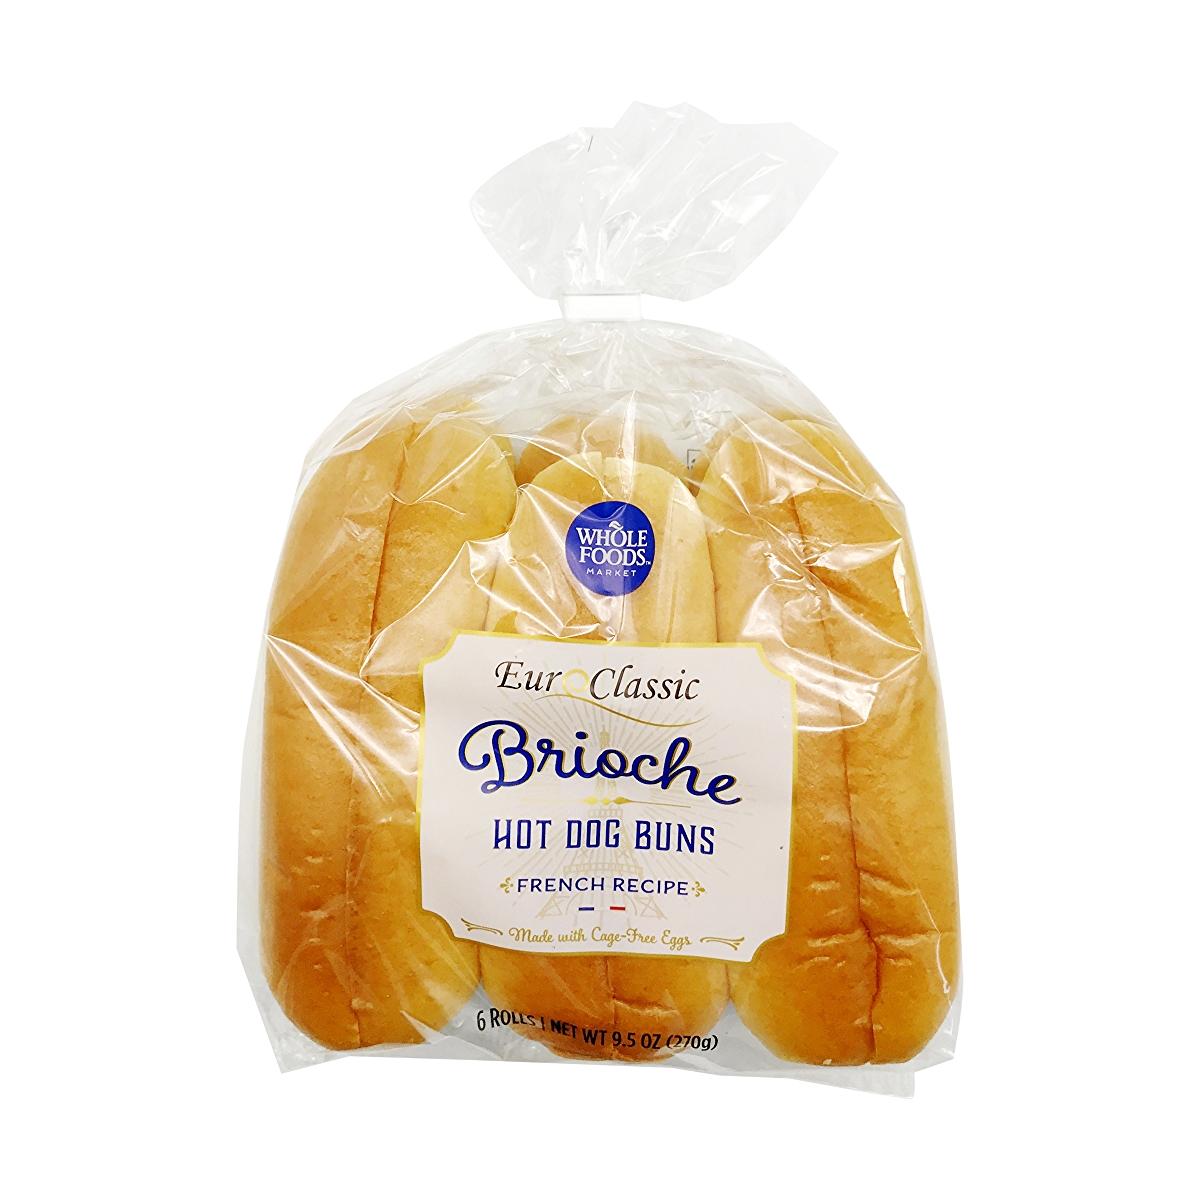 Brioche Hot Dog Buns 6 Count, 9.5 oz